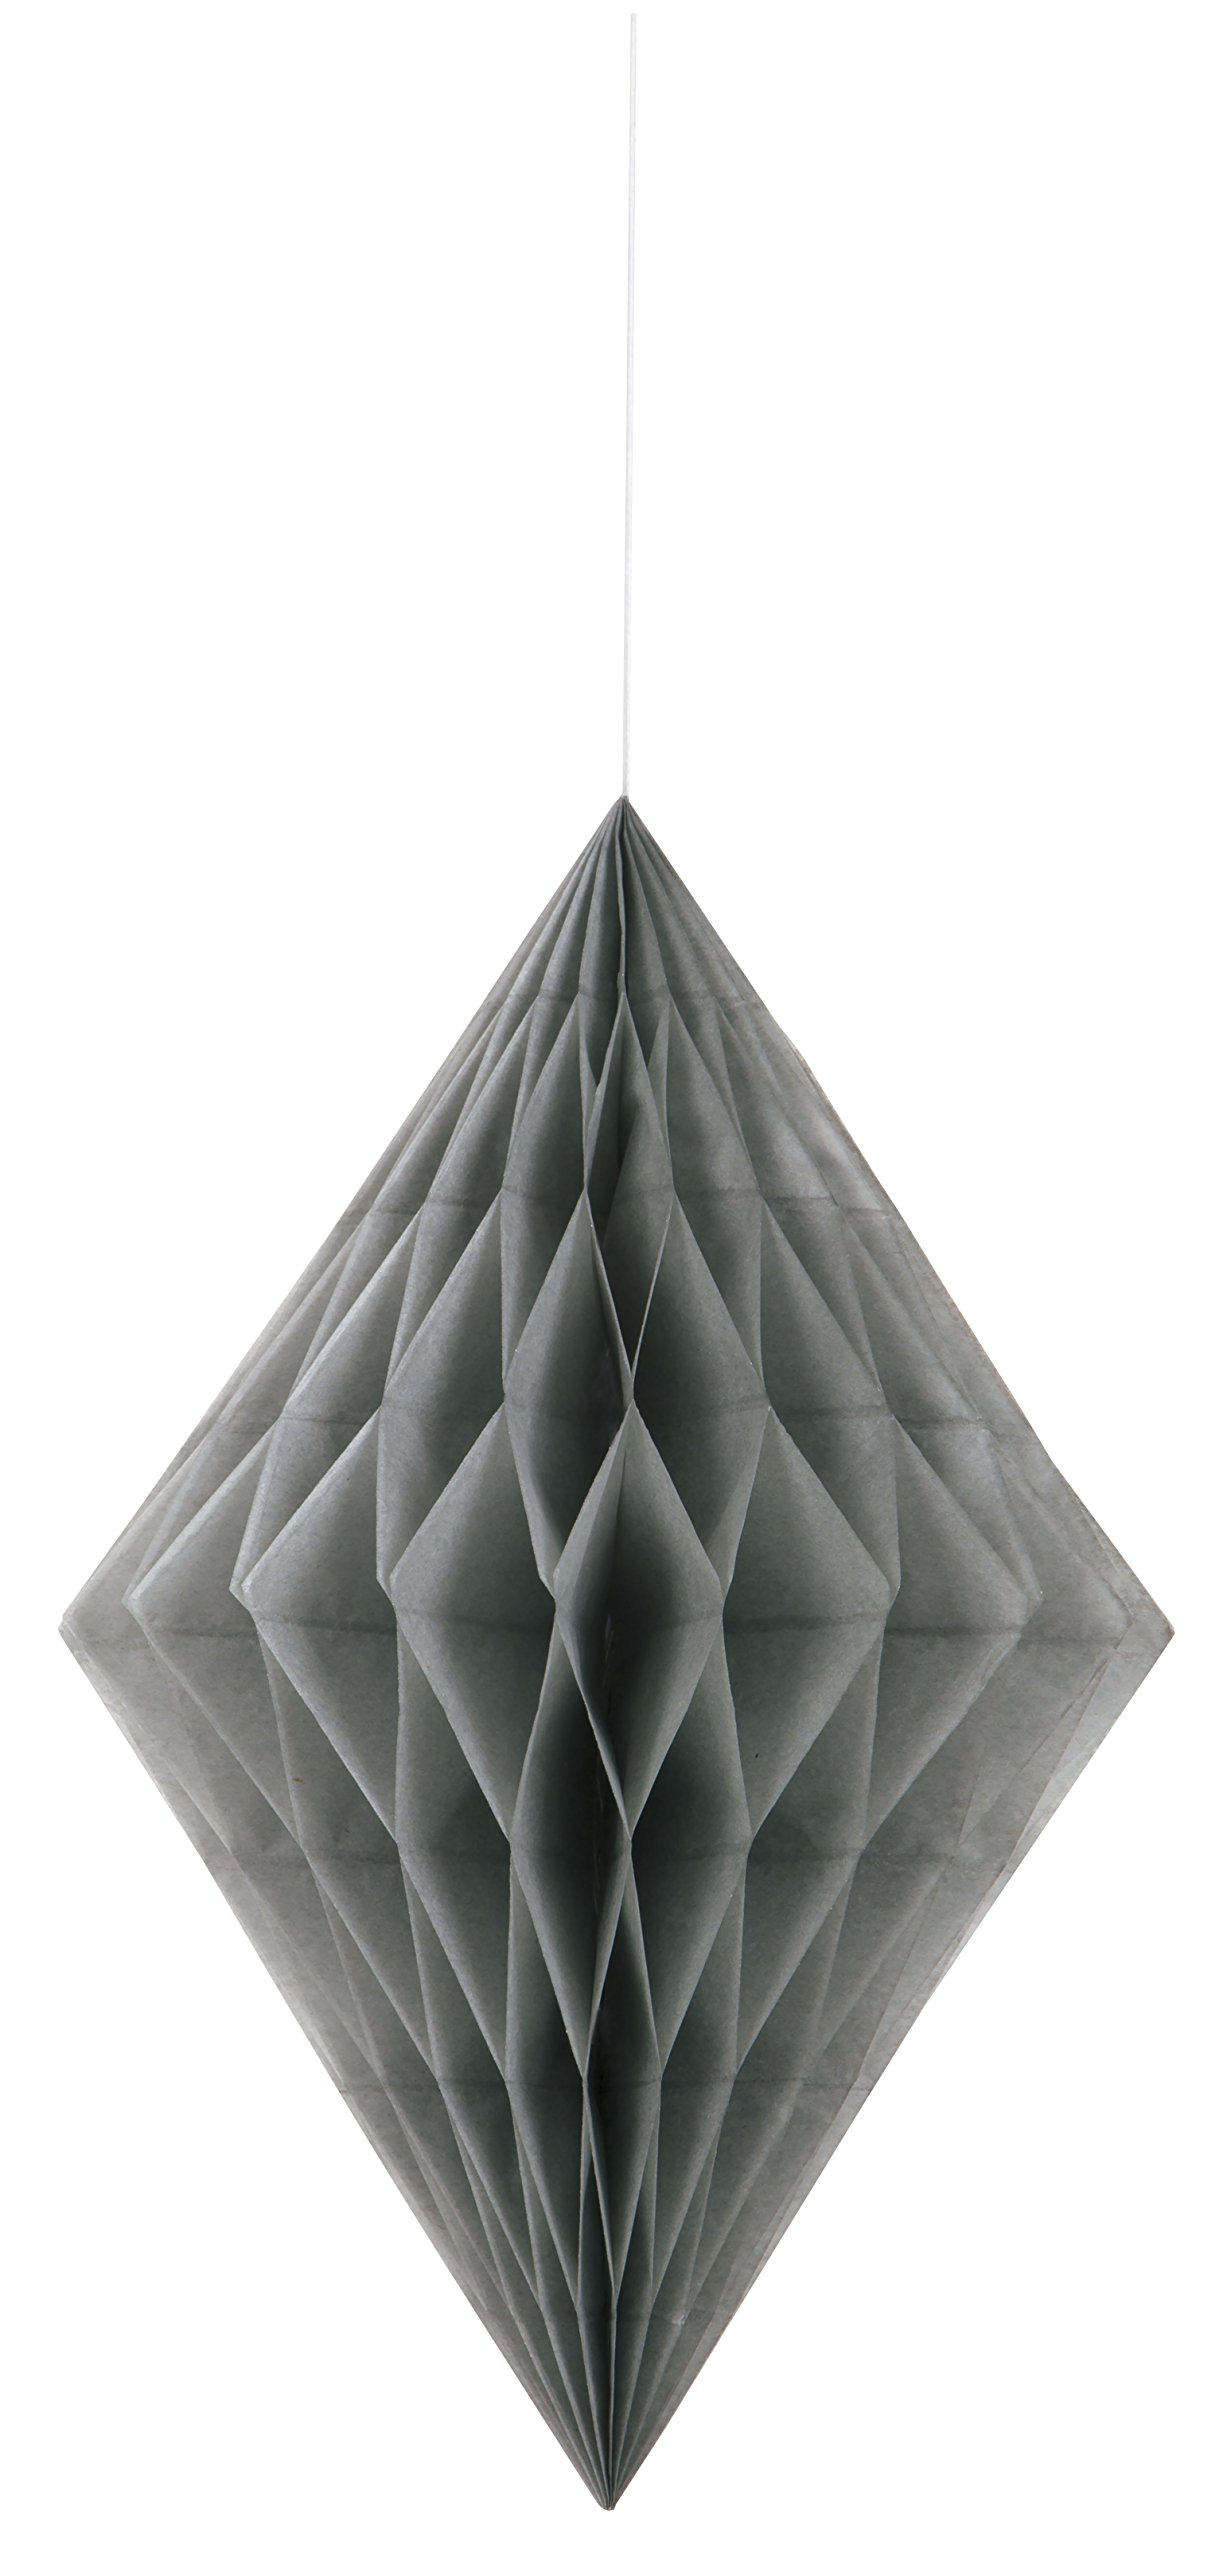 14'' Silver Diamond Tissue Paper Decoration